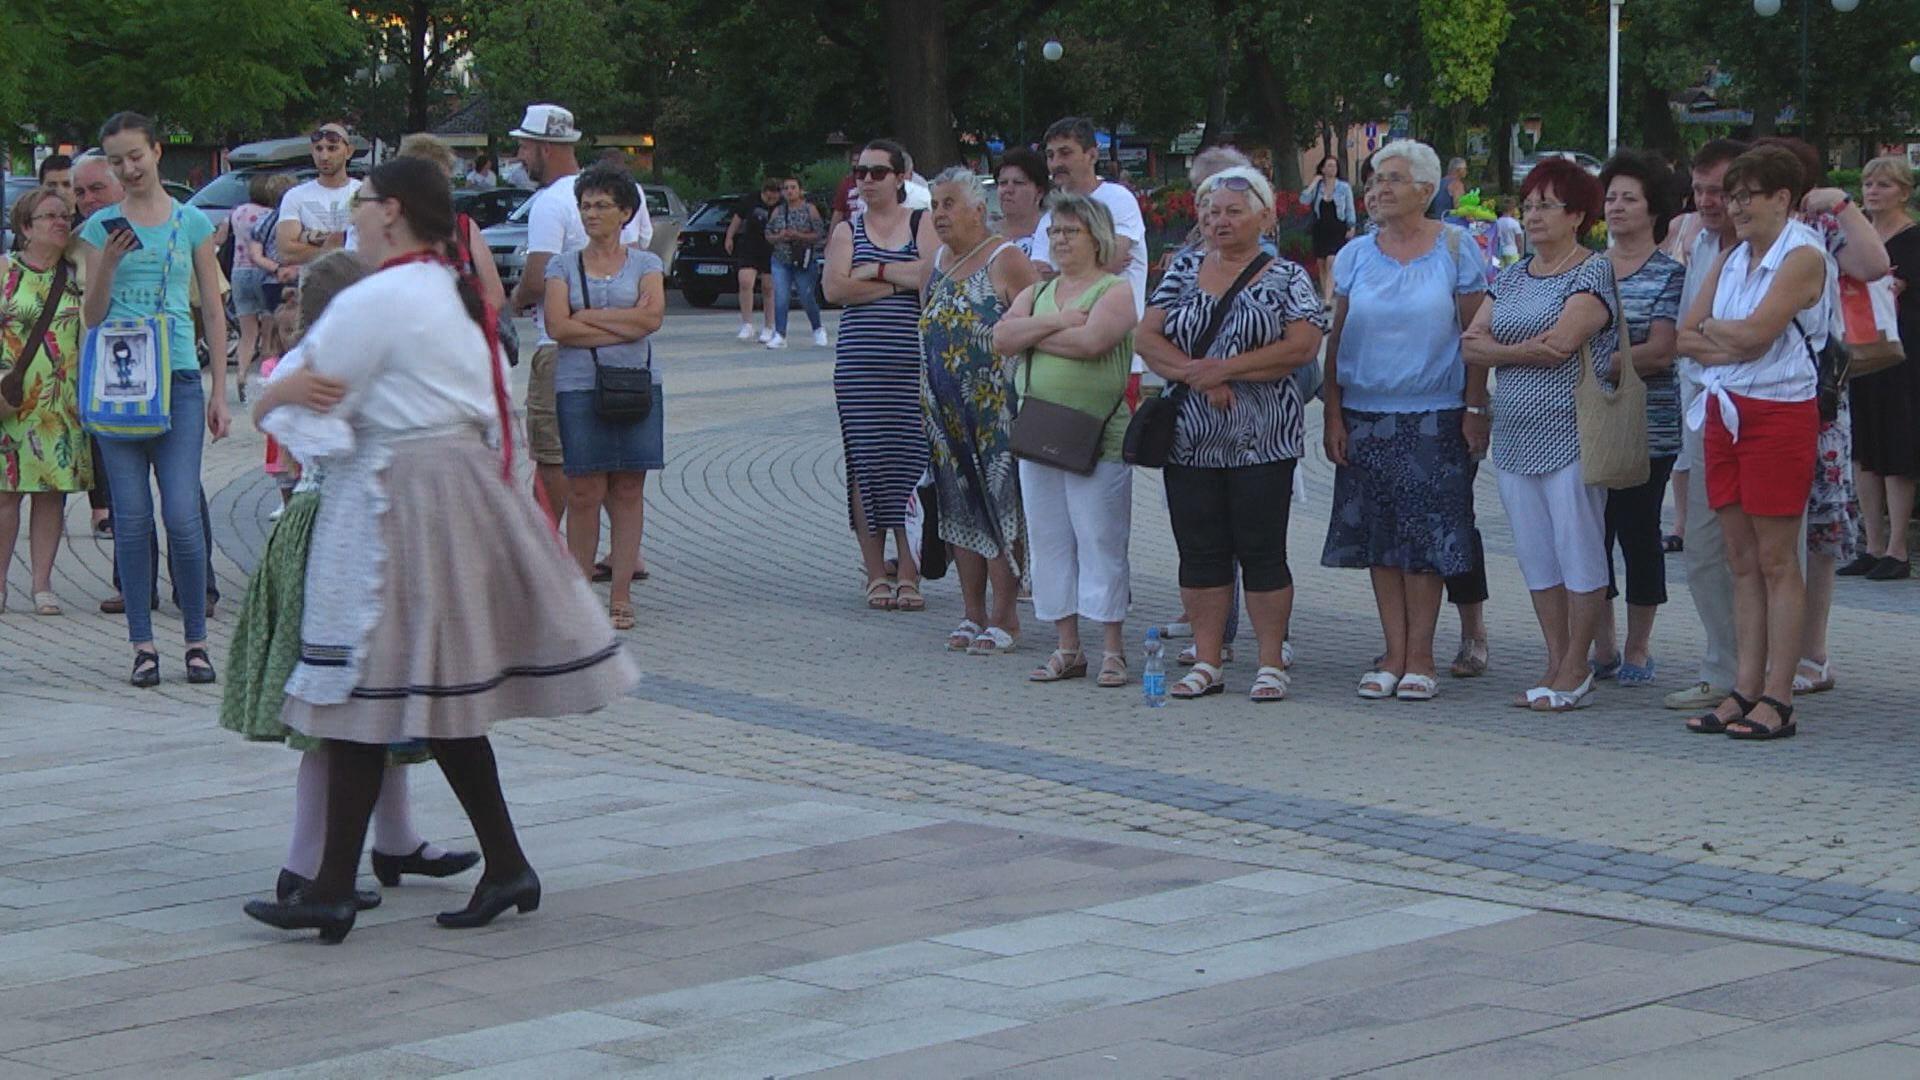 Táncosok a nyári hangulatból